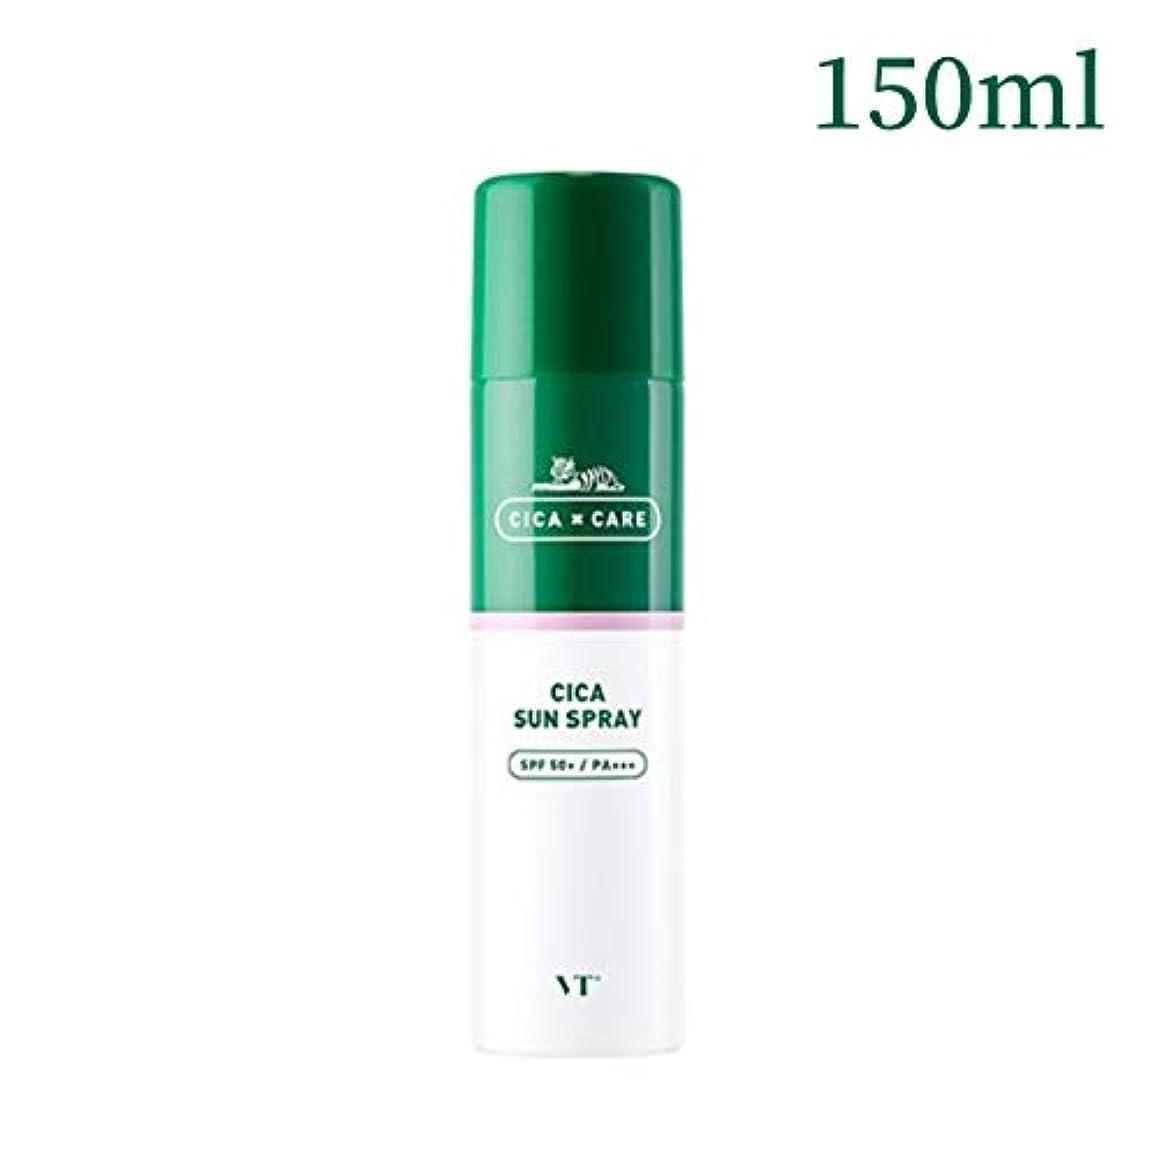 スイス人矛盾するレンジVT Cosmetis CICAサンスプレー 150ml